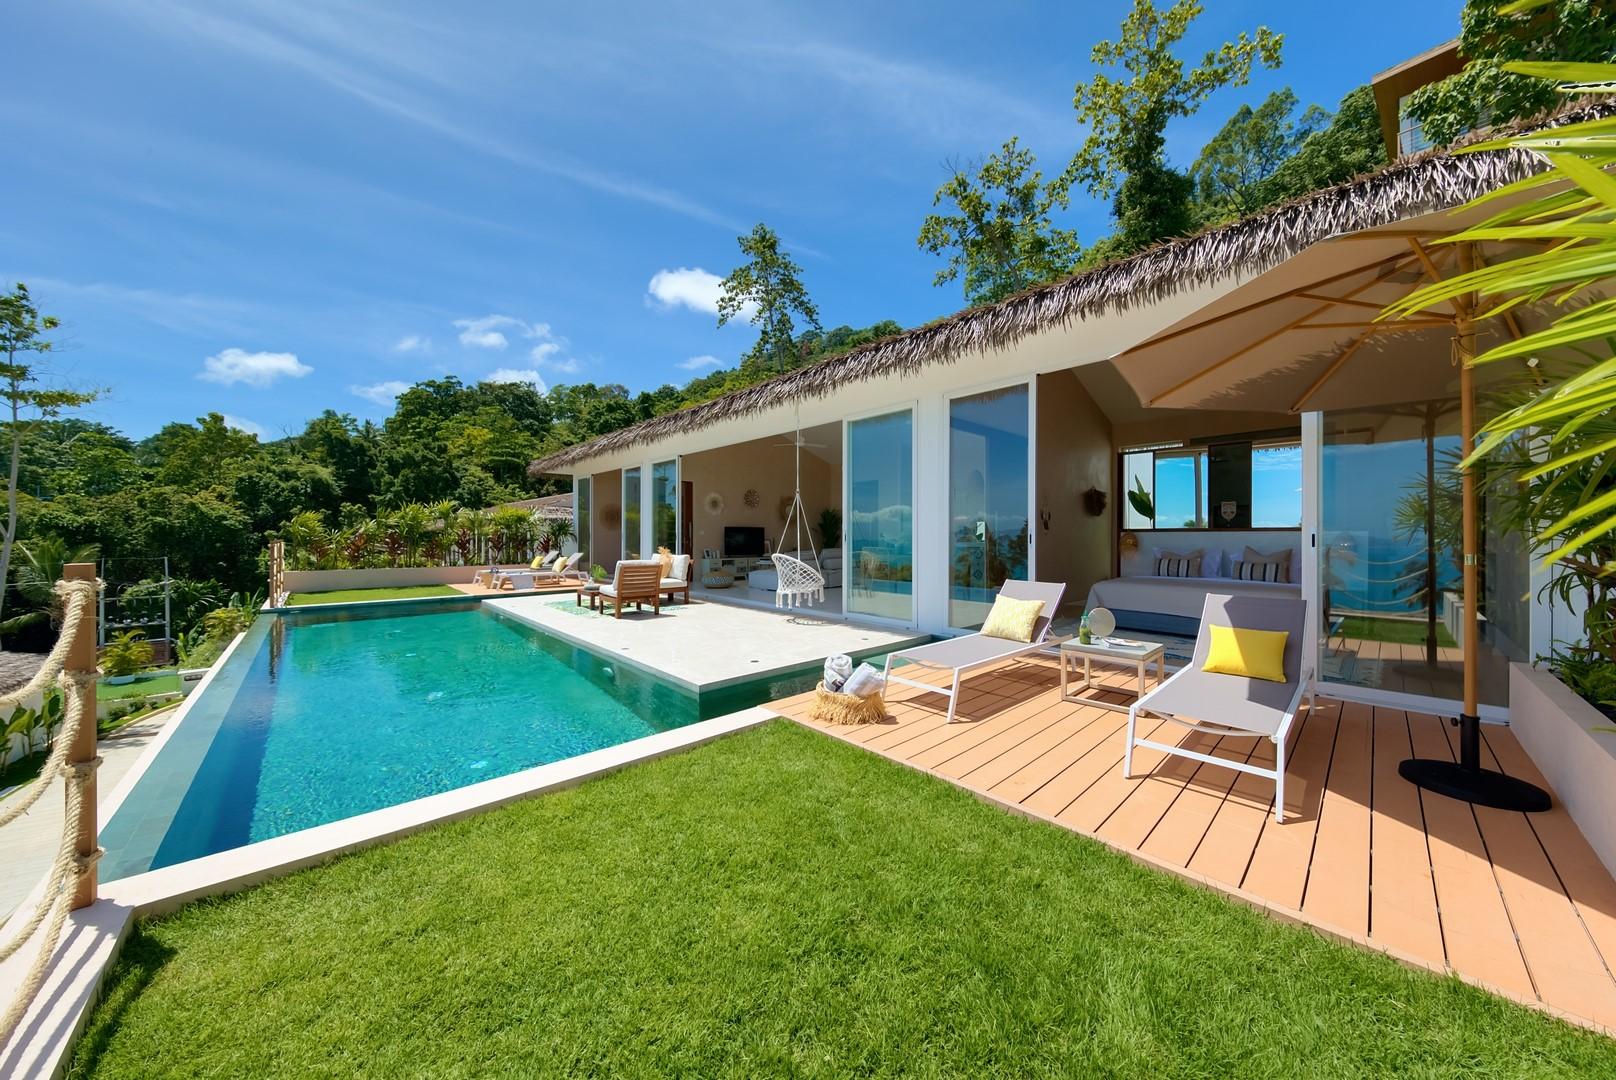 2 bedroom sea view tropical villa